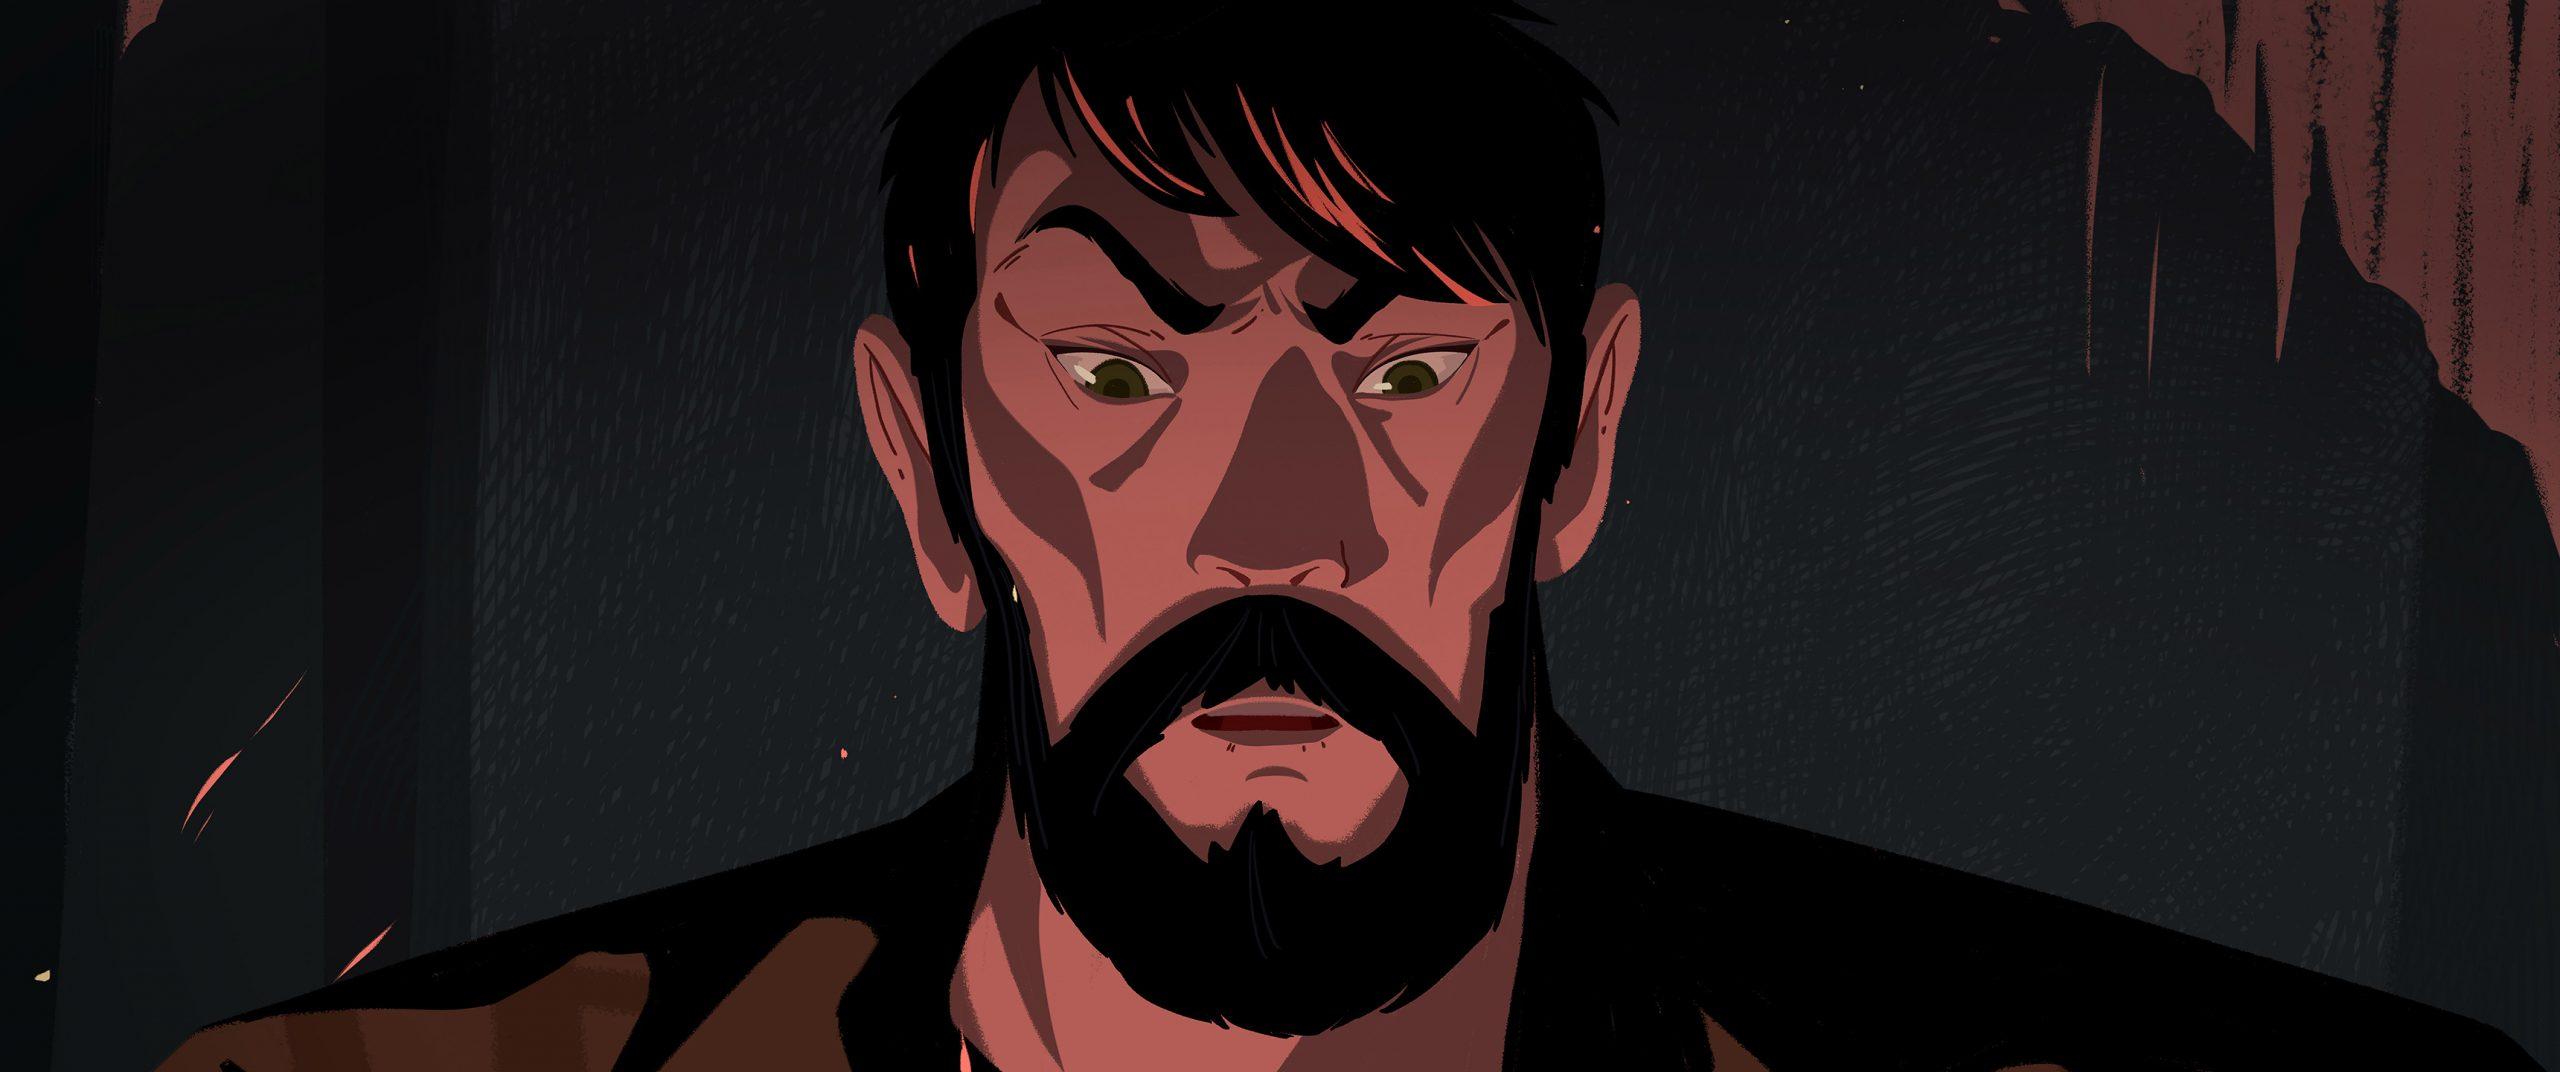 Арт: кадры из отменённого мультфильма повидеоигре The Last ofUs 3